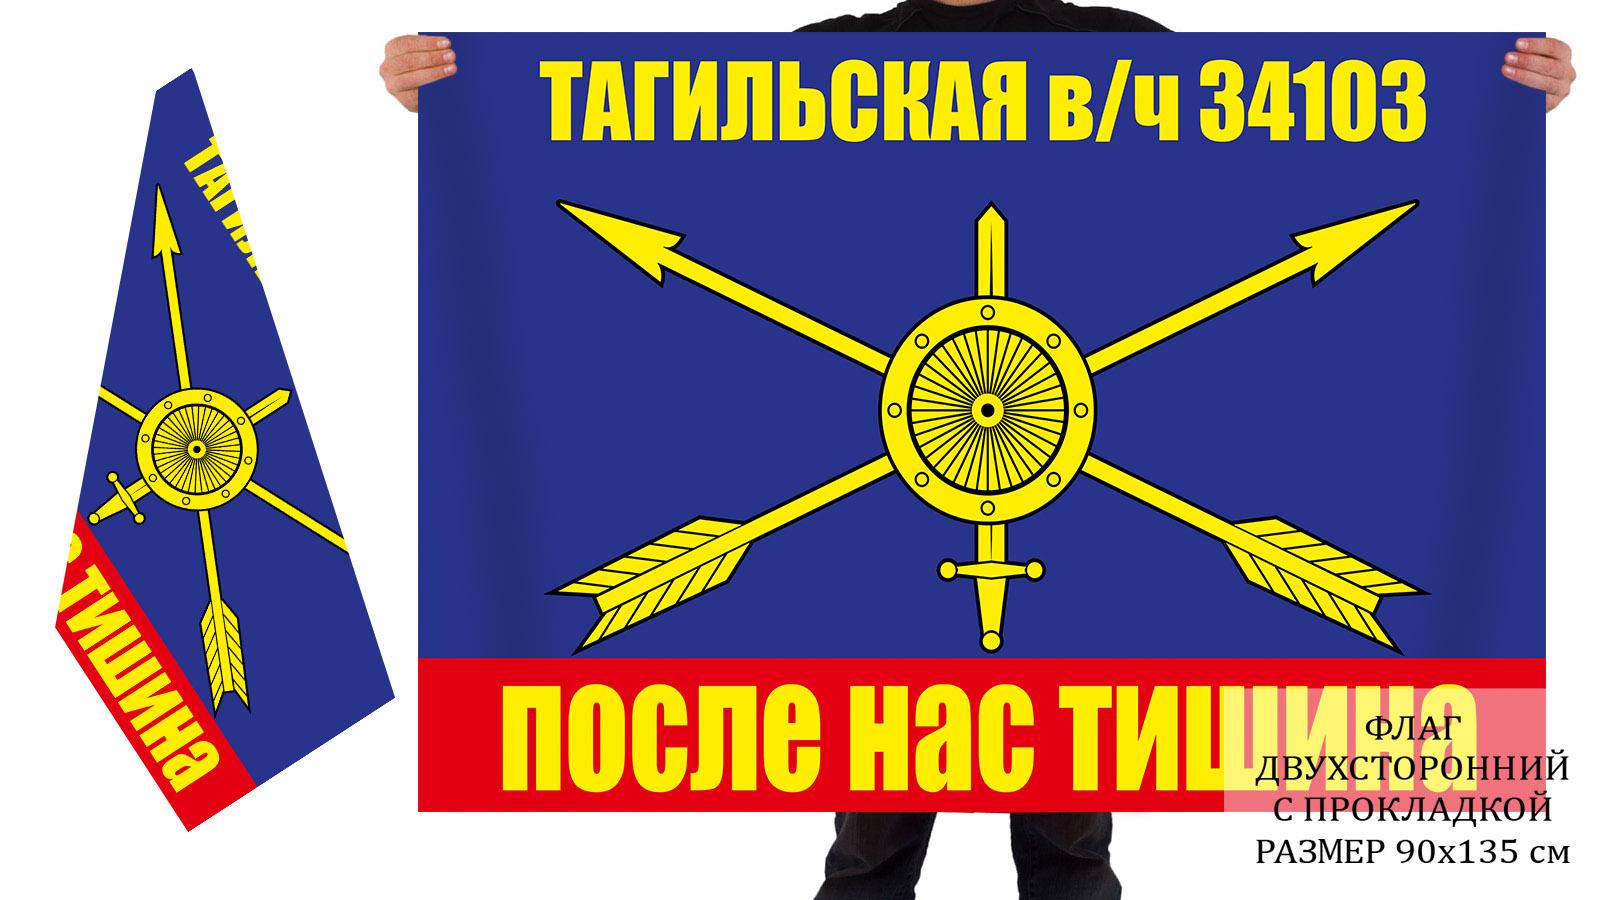 Двусторонний флаг Тагильской воинской части 34103 РВСН